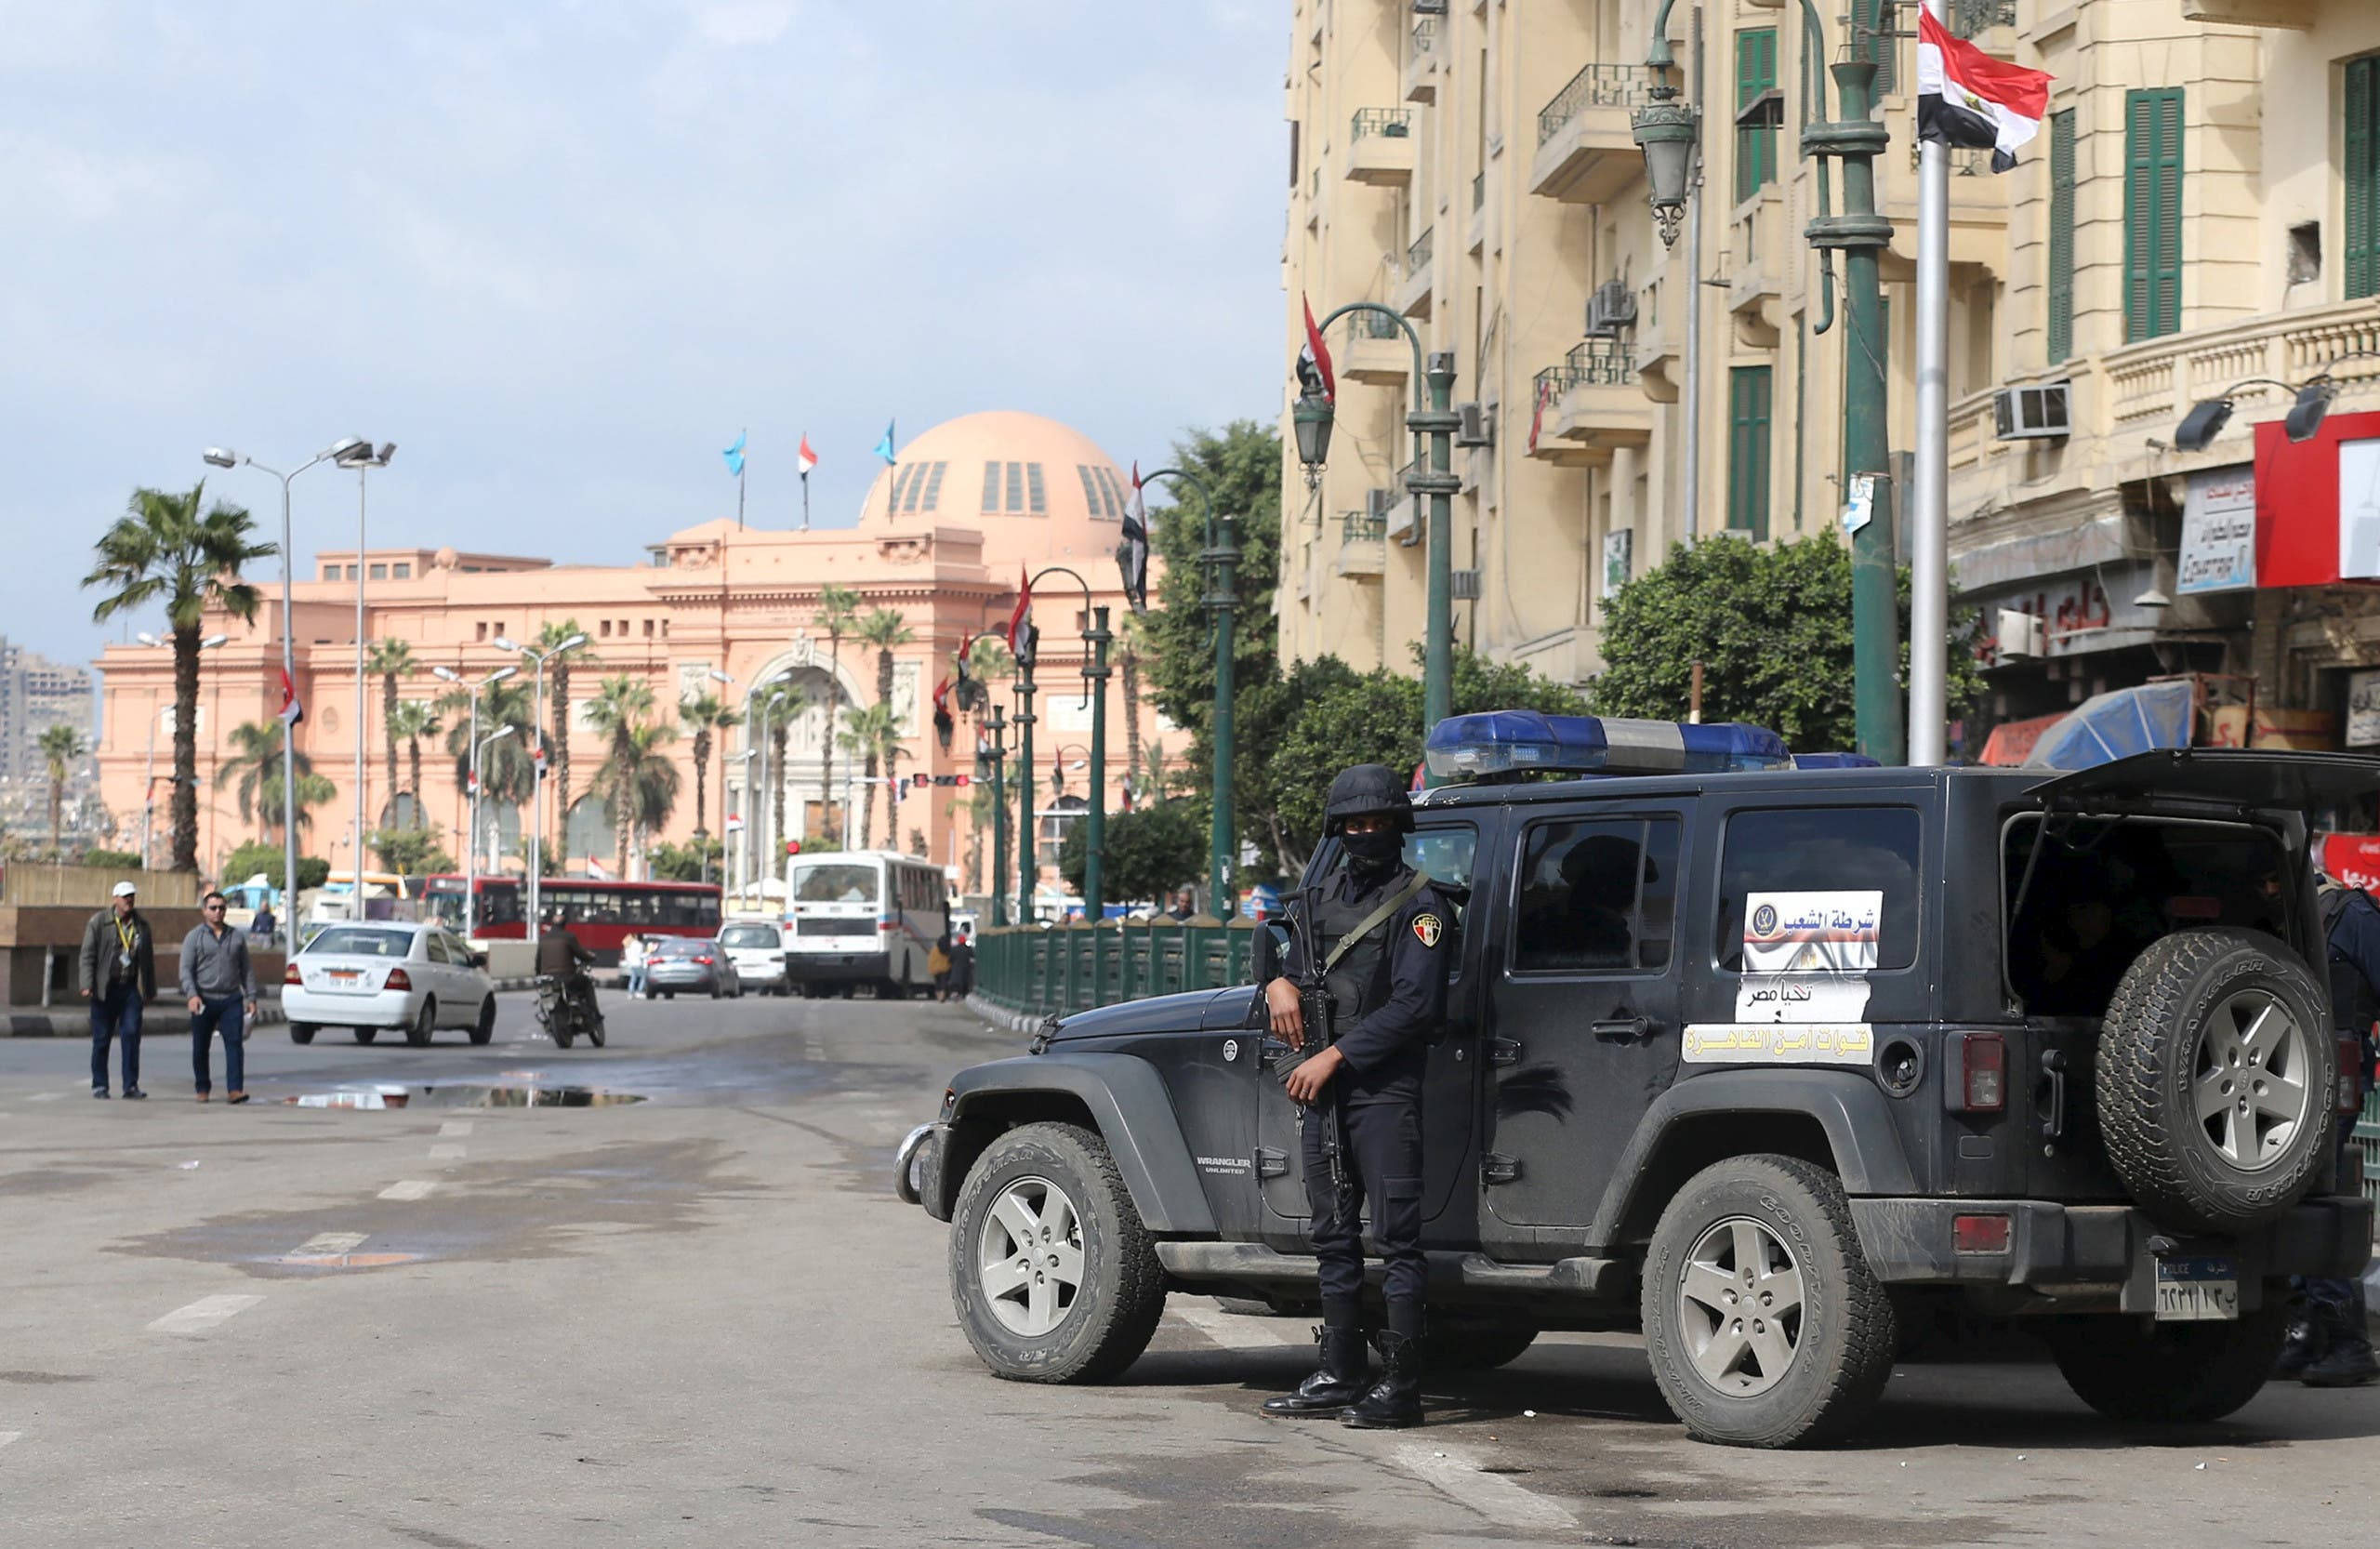 قوات أمن في ميدان التحرير بوسط القاهرة